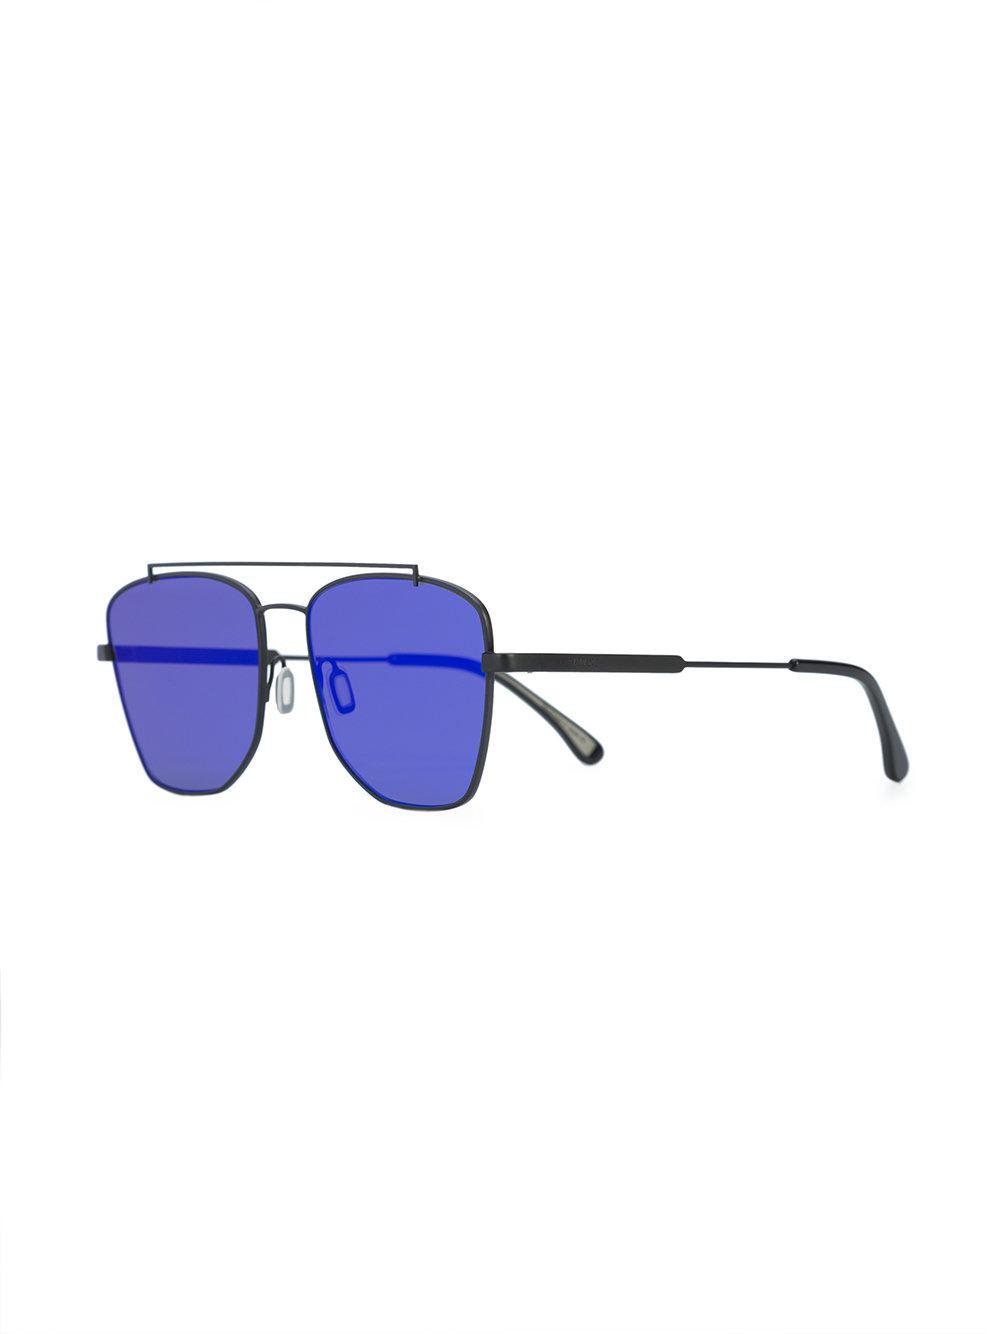 649922775d Lyst - Lunettes de soleil Concept 79 Vera Wang en coloris Bleu